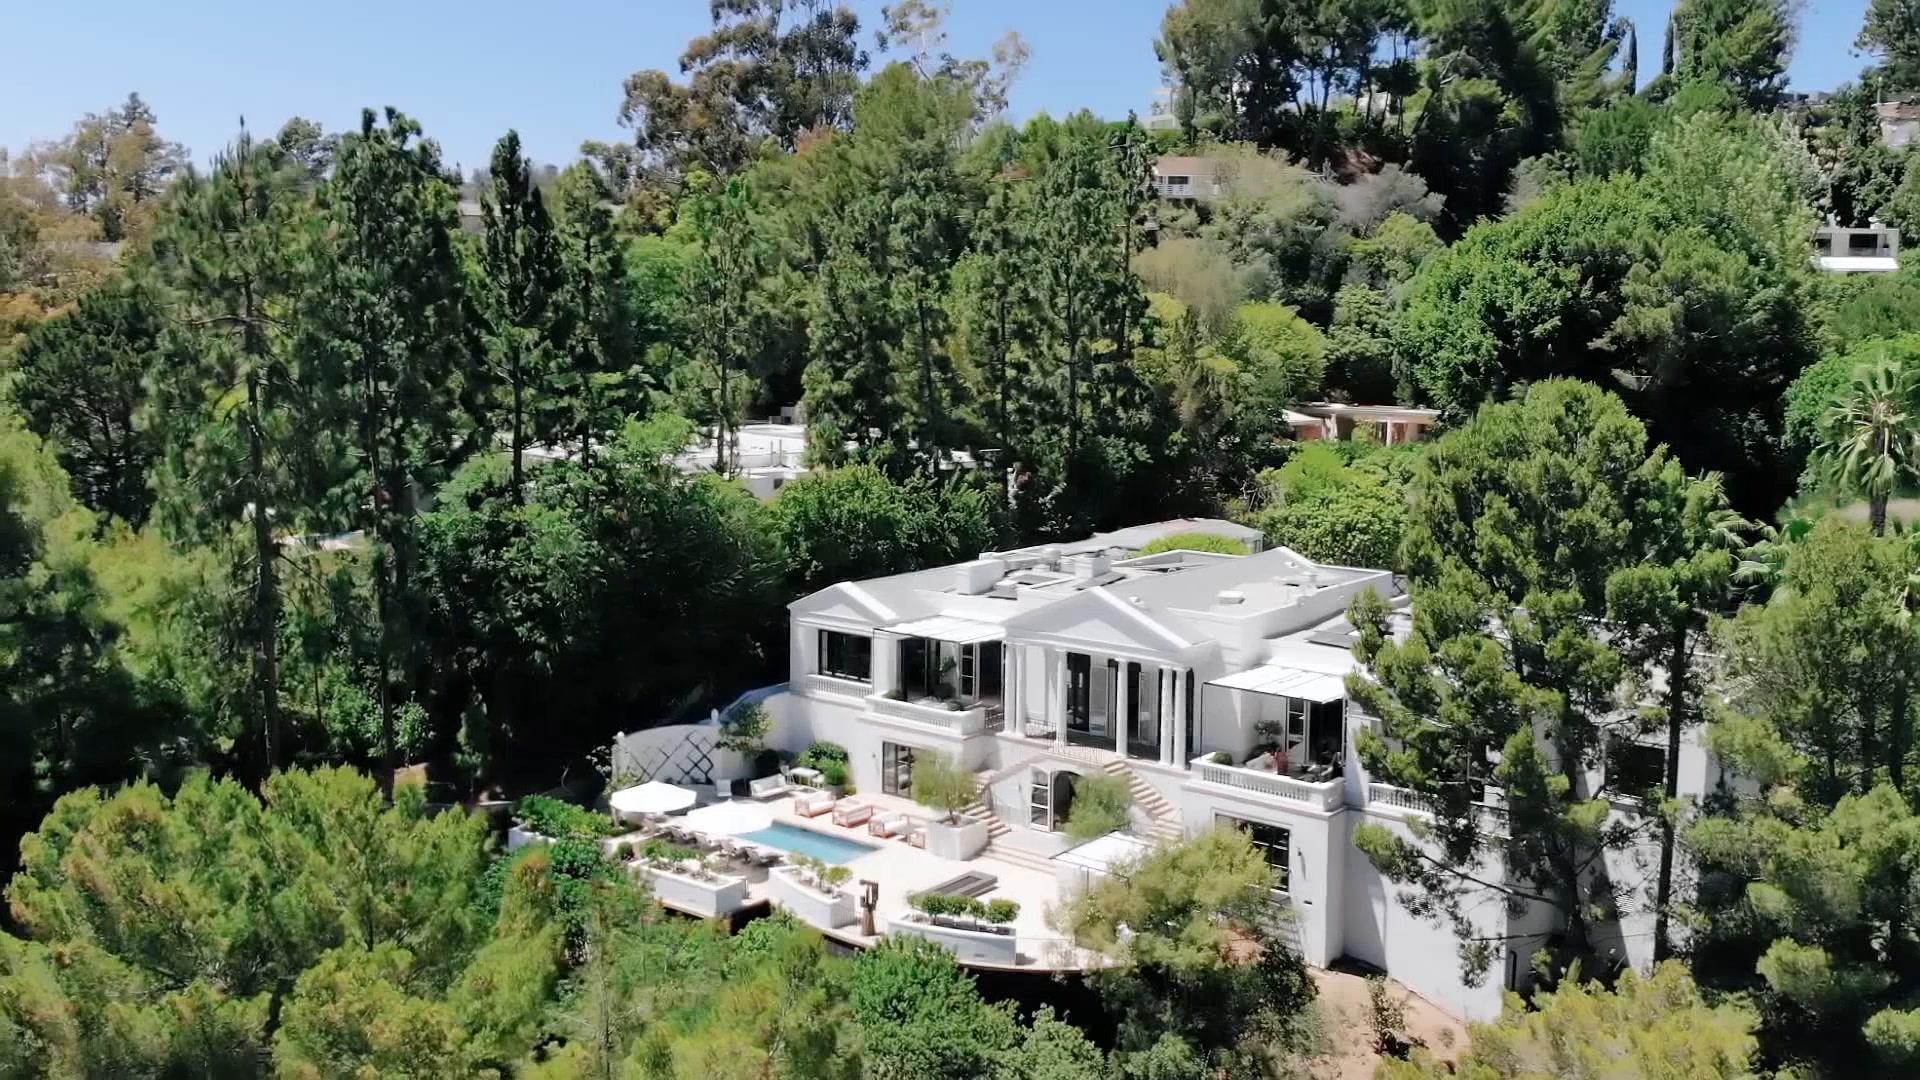 Tracy + Sean | Los Angeles, California | Private Estate